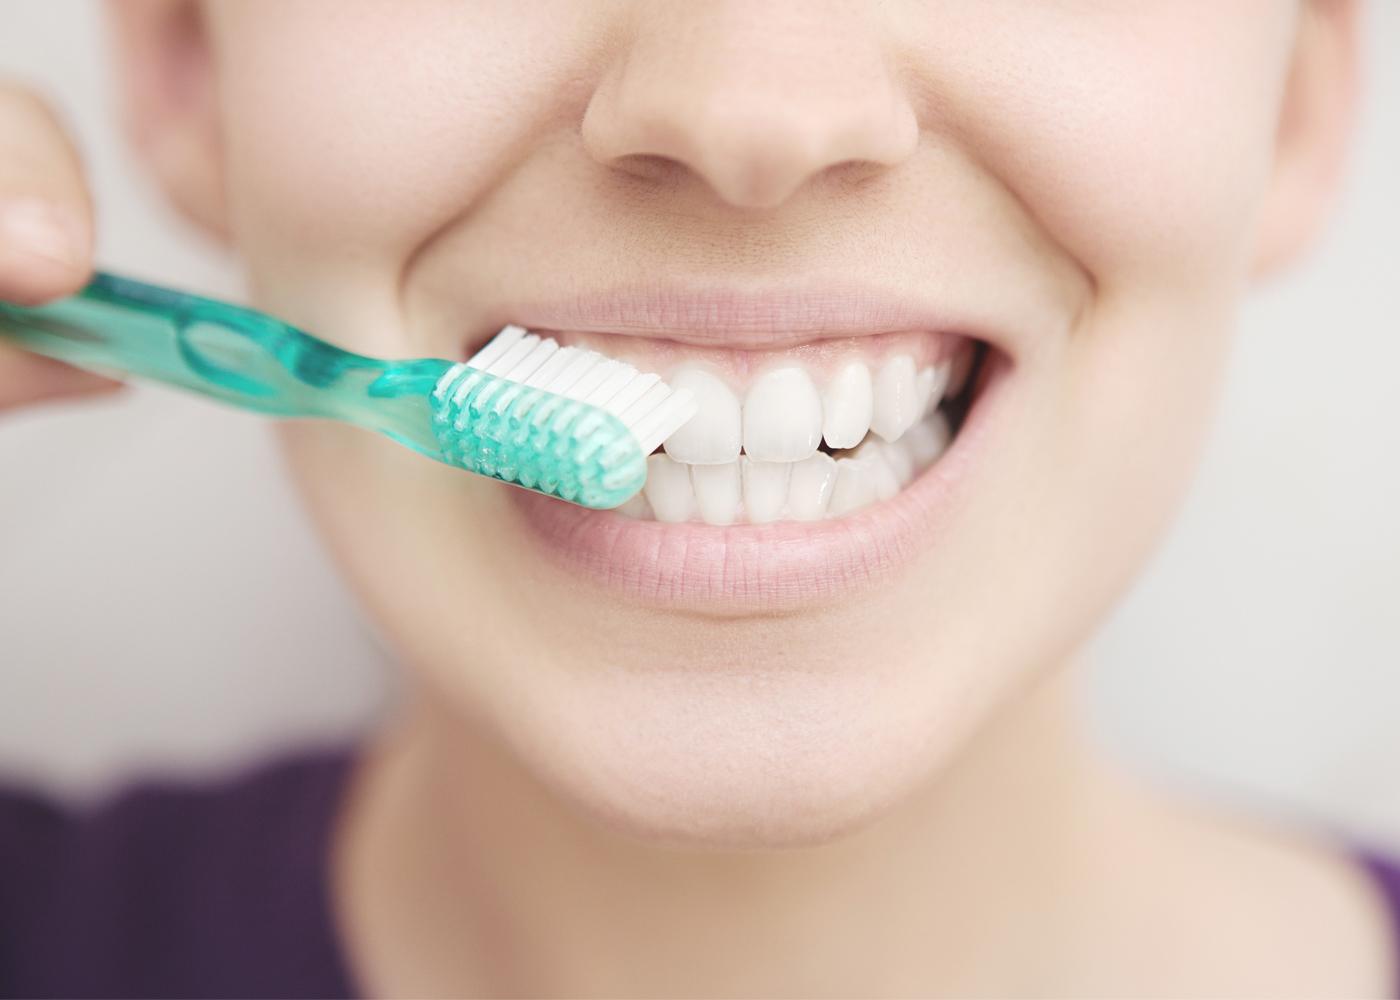 зъби,миене на зъби